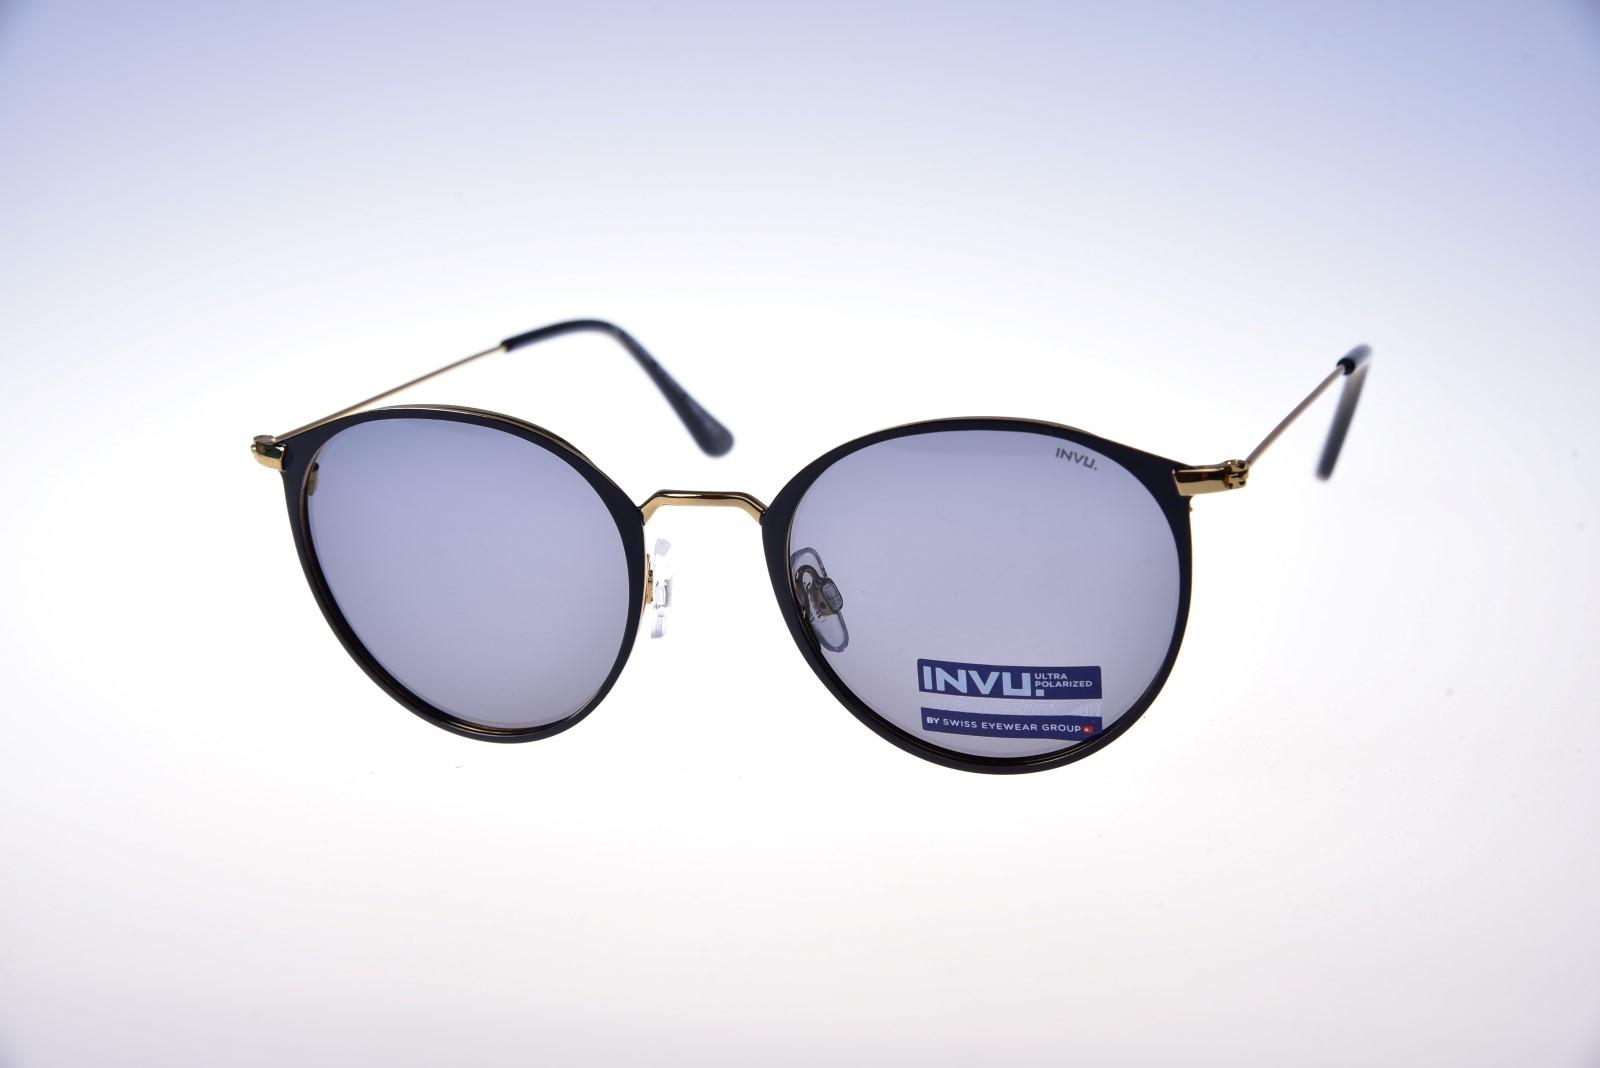 cb52c64de INVU. Classic B1906A - Dámske, pánske a detské slnečné okuliare ...